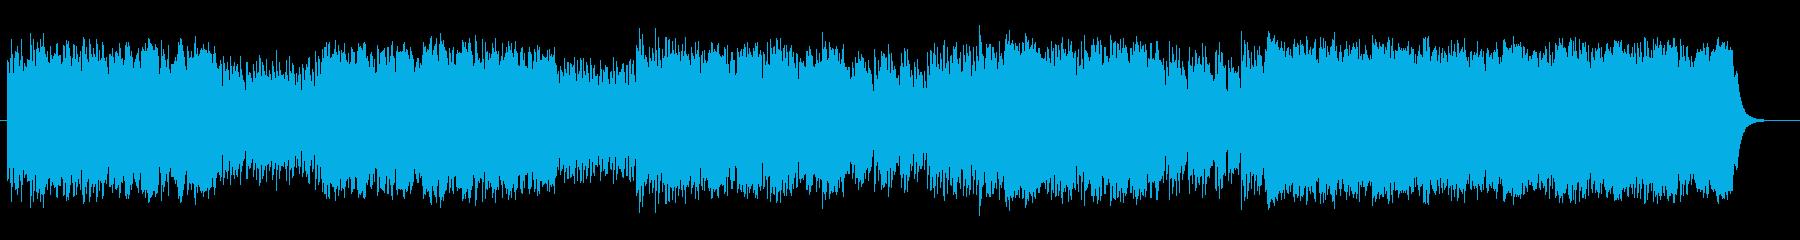 ダイナミックで神秘的なメロディの楽曲の再生済みの波形